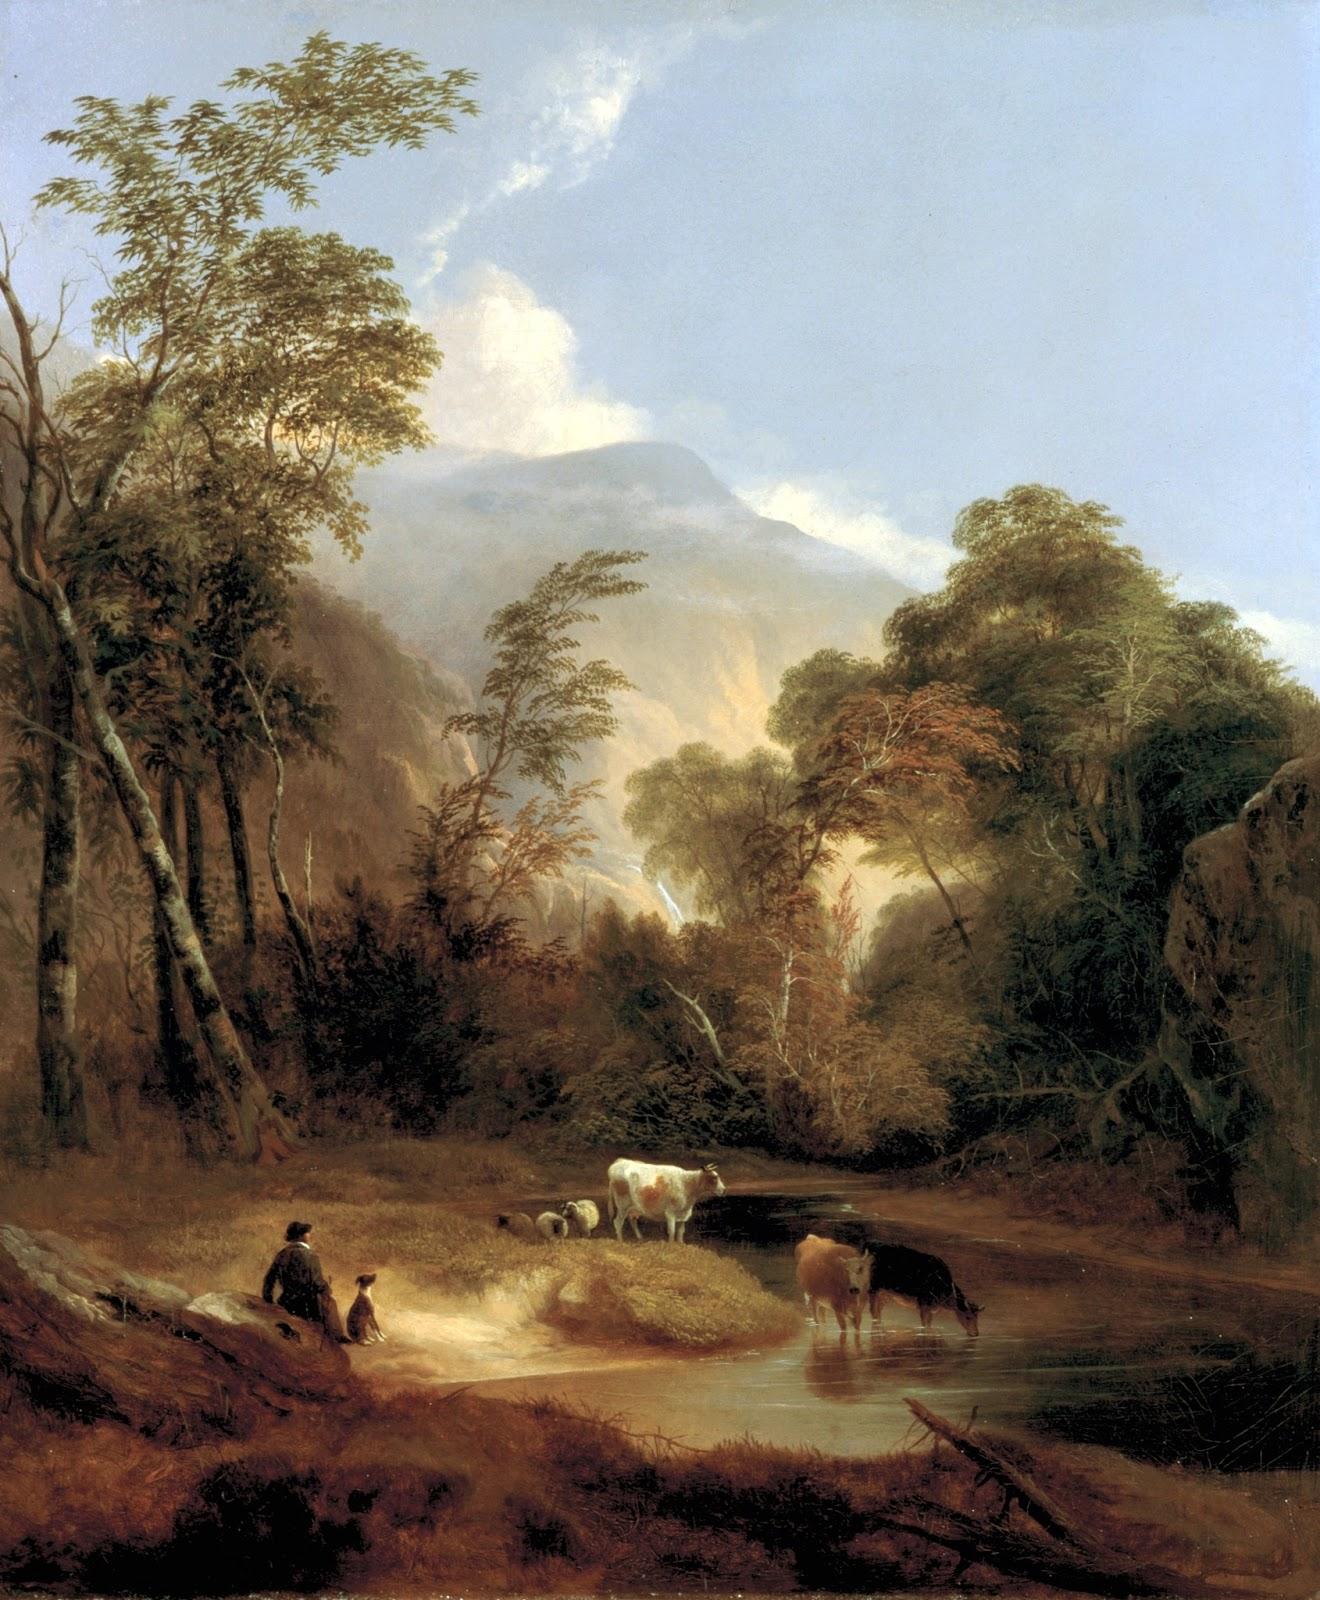 3 Pastoral_Landscape_by_Alvan_Fisher,_1854.jpg